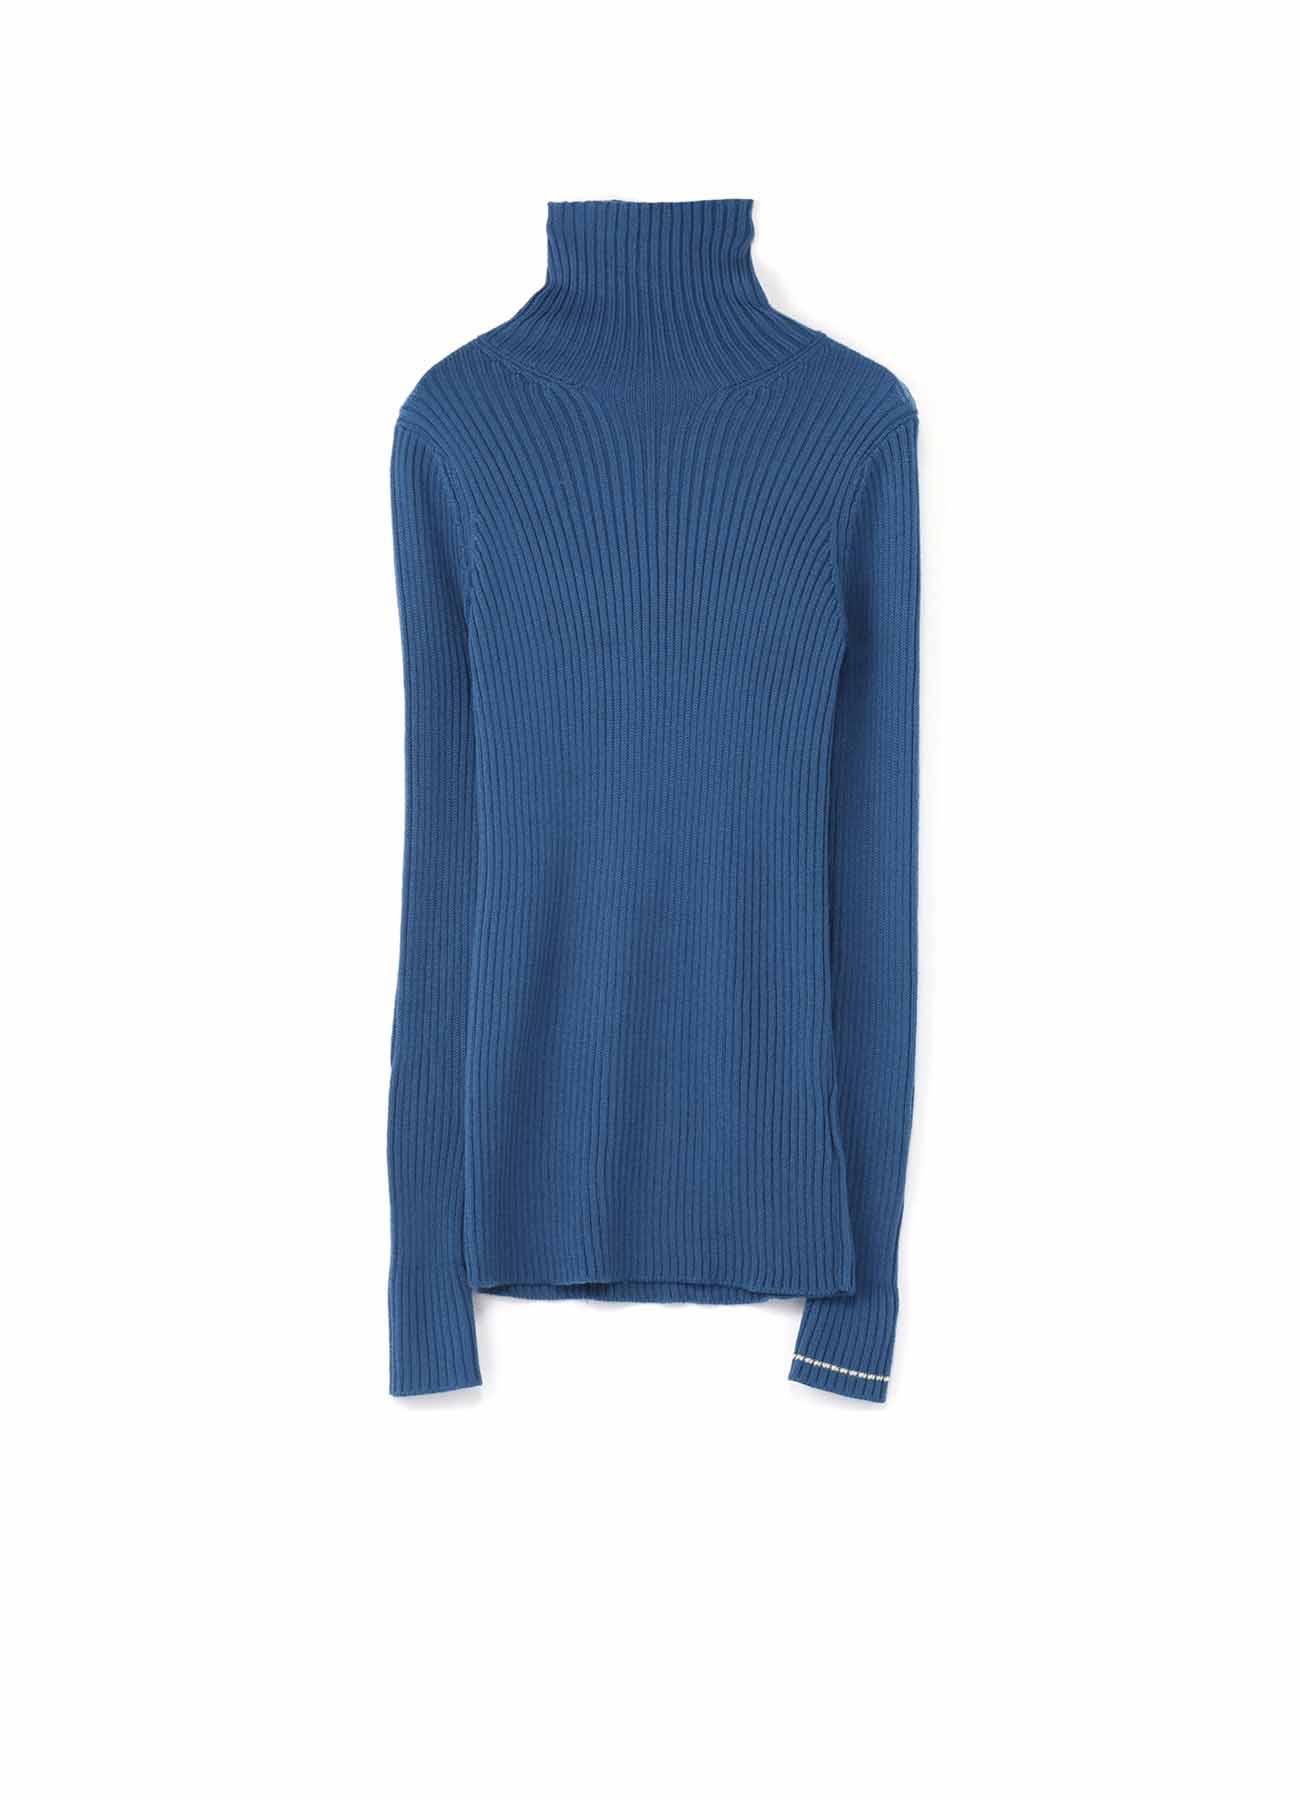 羊毛混纺高领简约针织衫